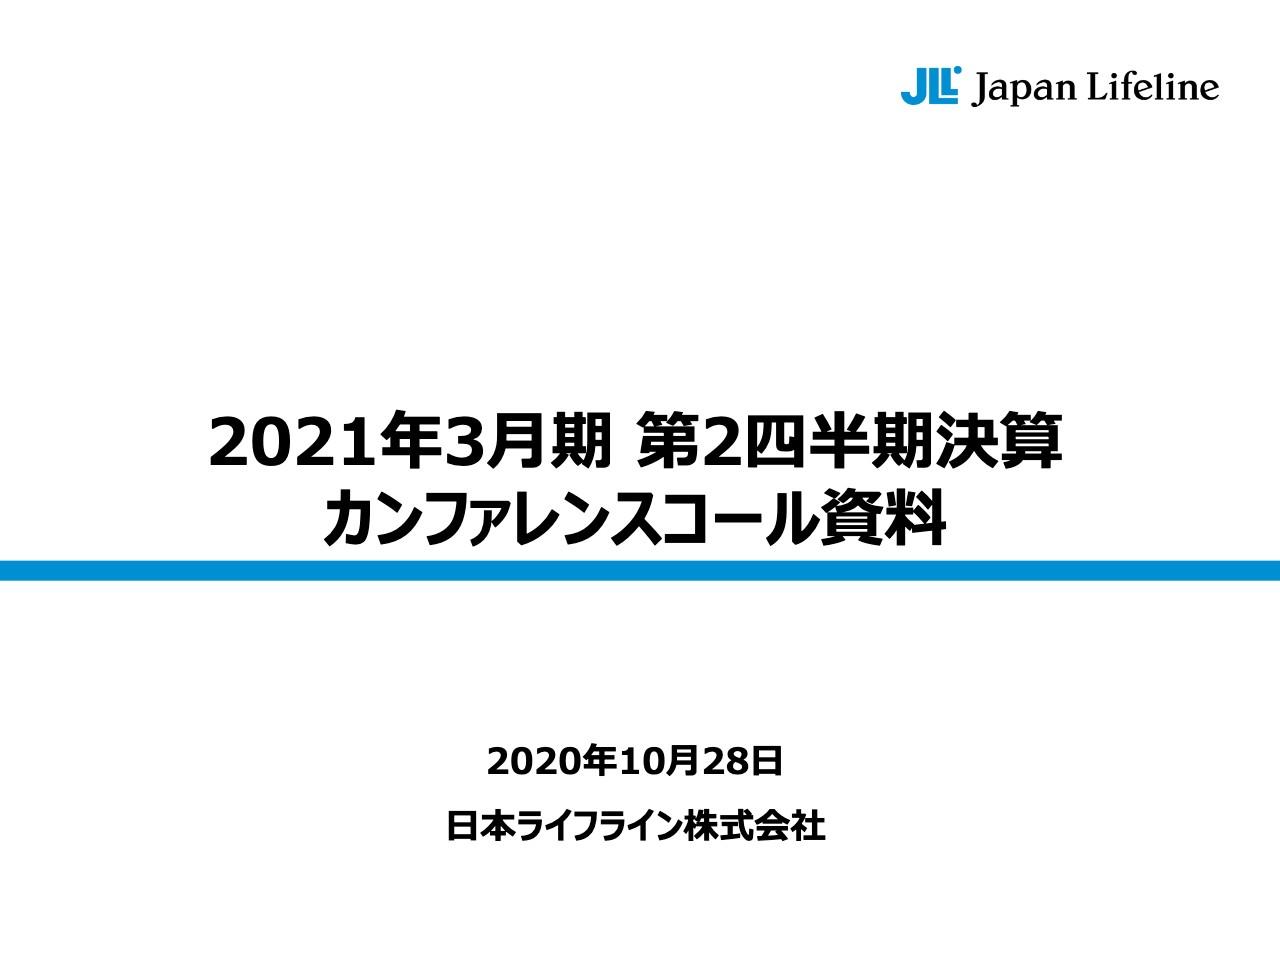 日本ライフライン、6月以降の症例数回復やリズムディバイスの寄与により2Qの売上高は前年比で増加